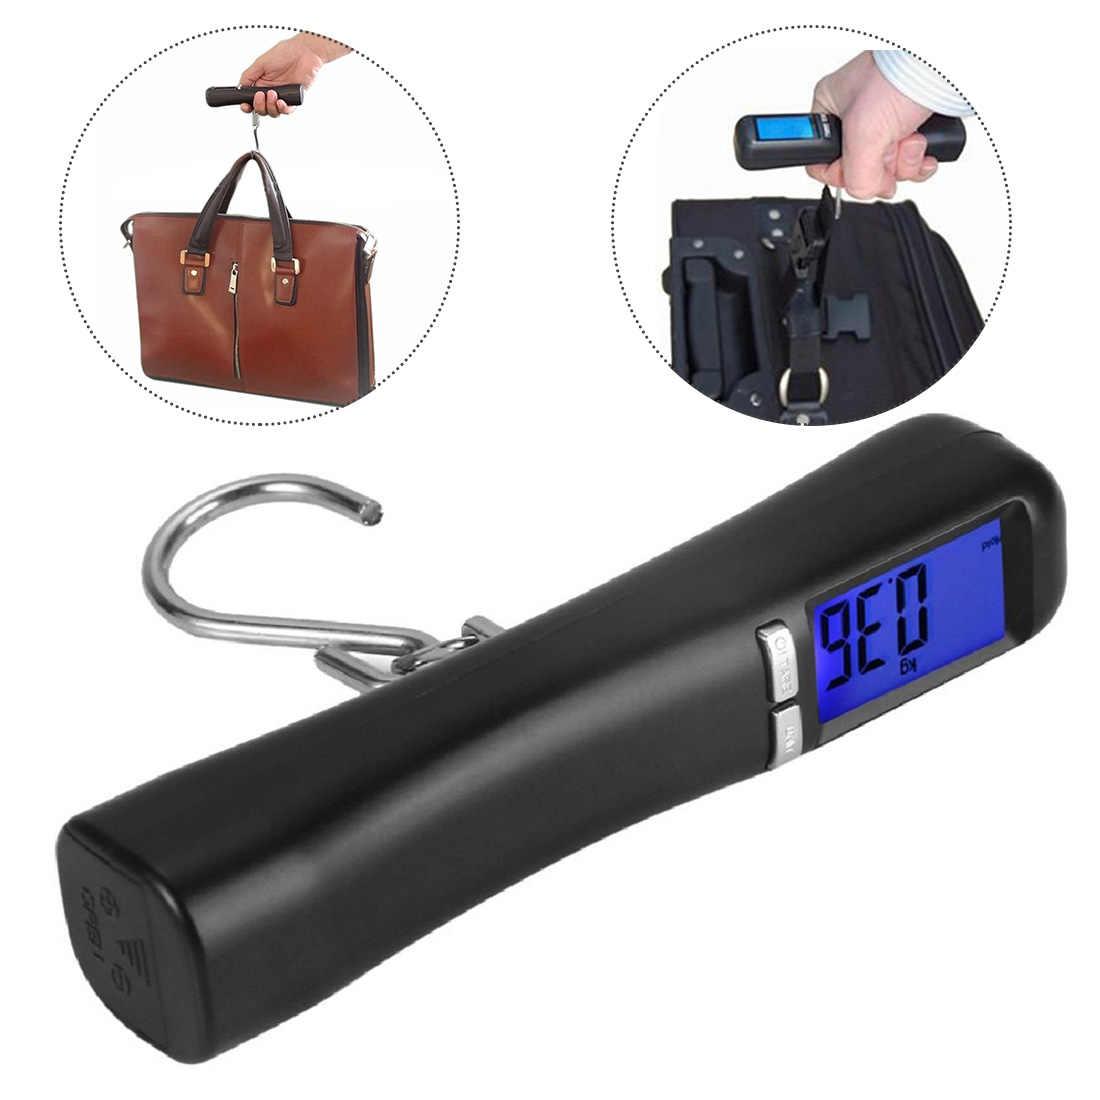 Balance à bagages électronique numérique, échelle en suspension 50 kg/10g valise Portable sac de voyage Balance de poids échelle de cuisine à main